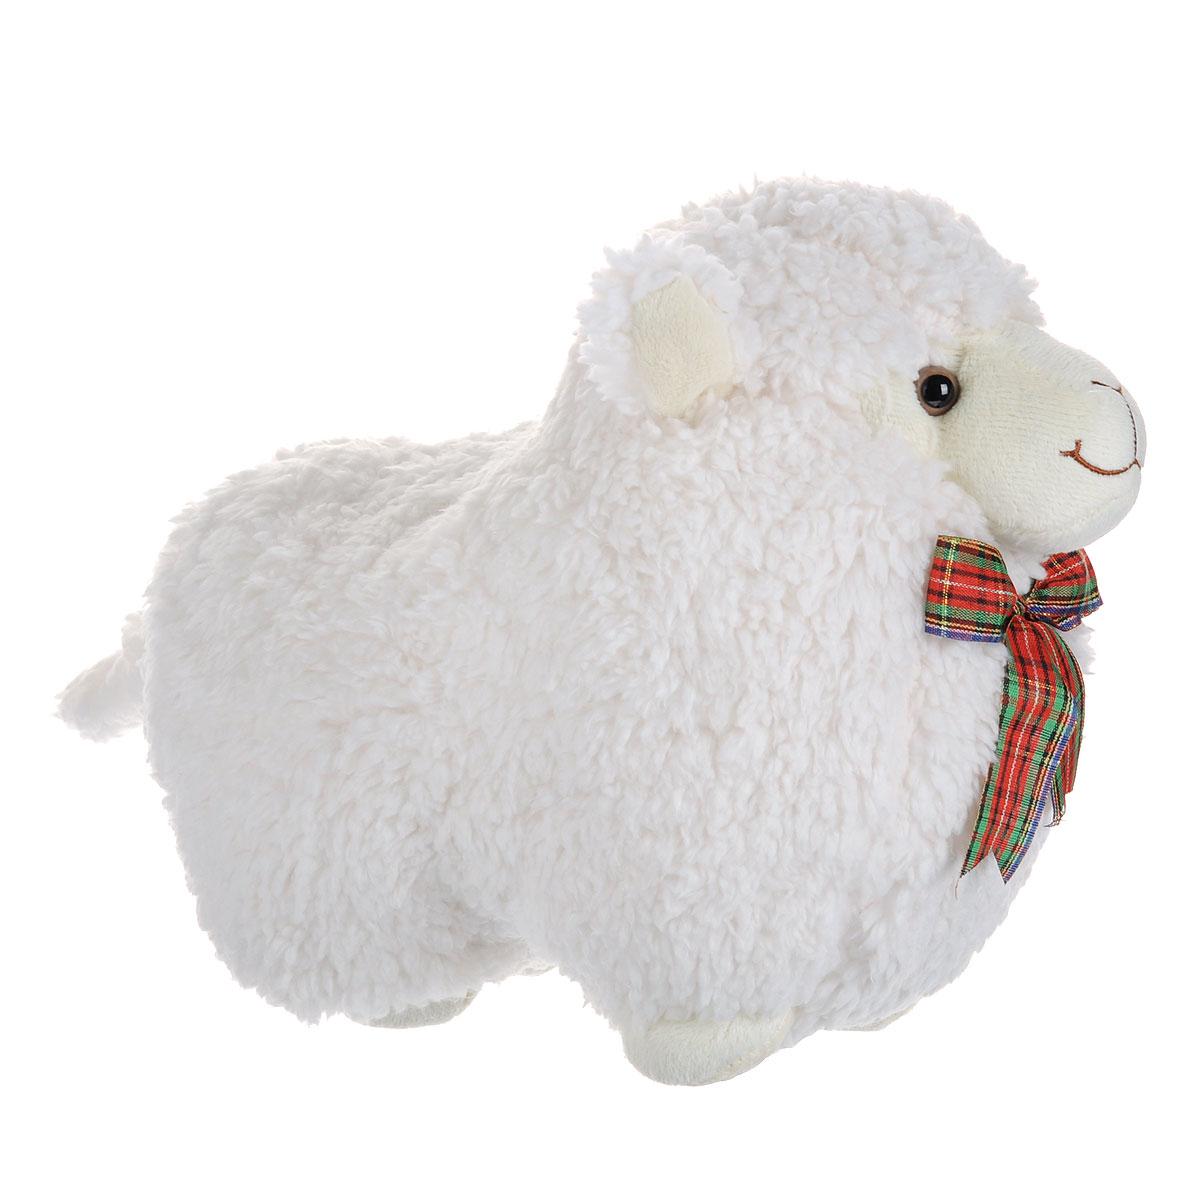 Мягкая игрушка Fancy Овечка Долли, 31 см fancy мягкая игрушка собака соня 70 см